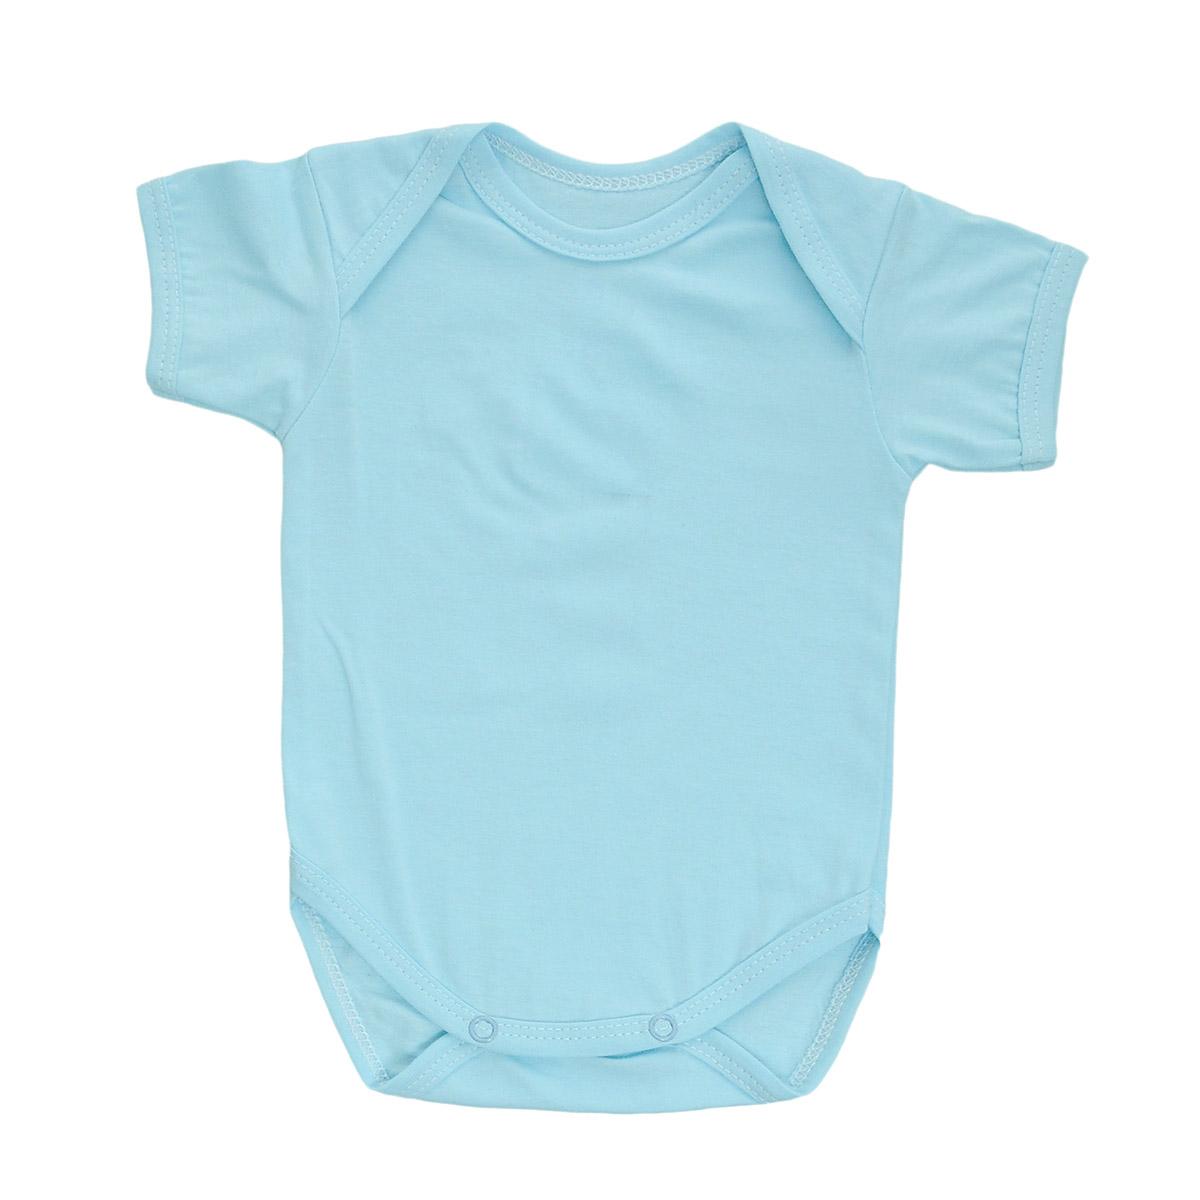 Боди детское Трон-Плюс, цвет: голубой. 5863. Размер 62, 3 месяца5863Детское боди Трон-плюс с короткими рукавами послужит идеальным дополнением к гардеробу вашего ребенка, обеспечивая ему наибольший комфорт. Боди изготовлено из натурального хлопка, благодаря чему оно необычайно мягкое и легкое, не раздражает нежную кожу ребенка и хорошо вентилируется, а эластичные швы приятны телу младенца и не препятствуют его движениям. Удобные запахи на плечах и кнопки на ластовице помогают легко переодеть младенца или сменить подгузник. Боди полностью соответствует особенностям жизни ребенка в ранний период, не стесняя и не ограничивая его в движениях. В нем ваш ребенок всегда будет в центре внимания.